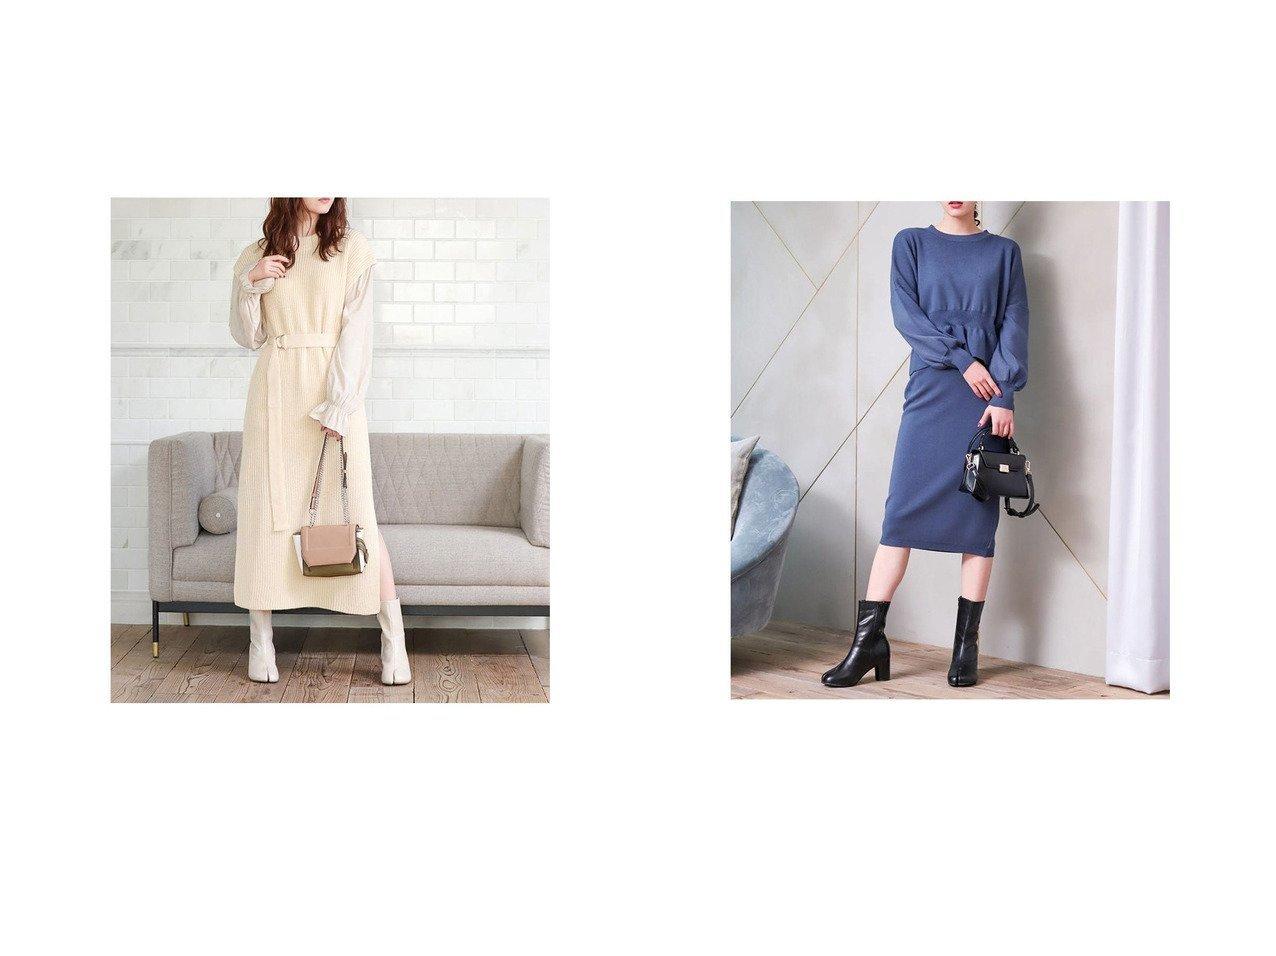 【fifth/フィフス】のウエストマークドッキングニットワンピース&ペプラムニットセットアップ fifthのおすすめ!人気、トレンド・レディースファッションの通販  おすすめで人気の流行・トレンド、ファッションの通販商品 メンズファッション・キッズファッション・インテリア・家具・レディースファッション・服の通販 founy(ファニー) https://founy.com/ ファッション Fashion レディースファッション WOMEN ワンピース Dress ニットワンピース Knit Dresses トップス Tops Tshirt ニット Knit Tops 2021年 2021 2021 春夏 S/S SS Spring/Summer 2021 S/S 春夏 SS Spring/Summer スマート スリット ドッキング 春 Spring |ID:crp329100000017650